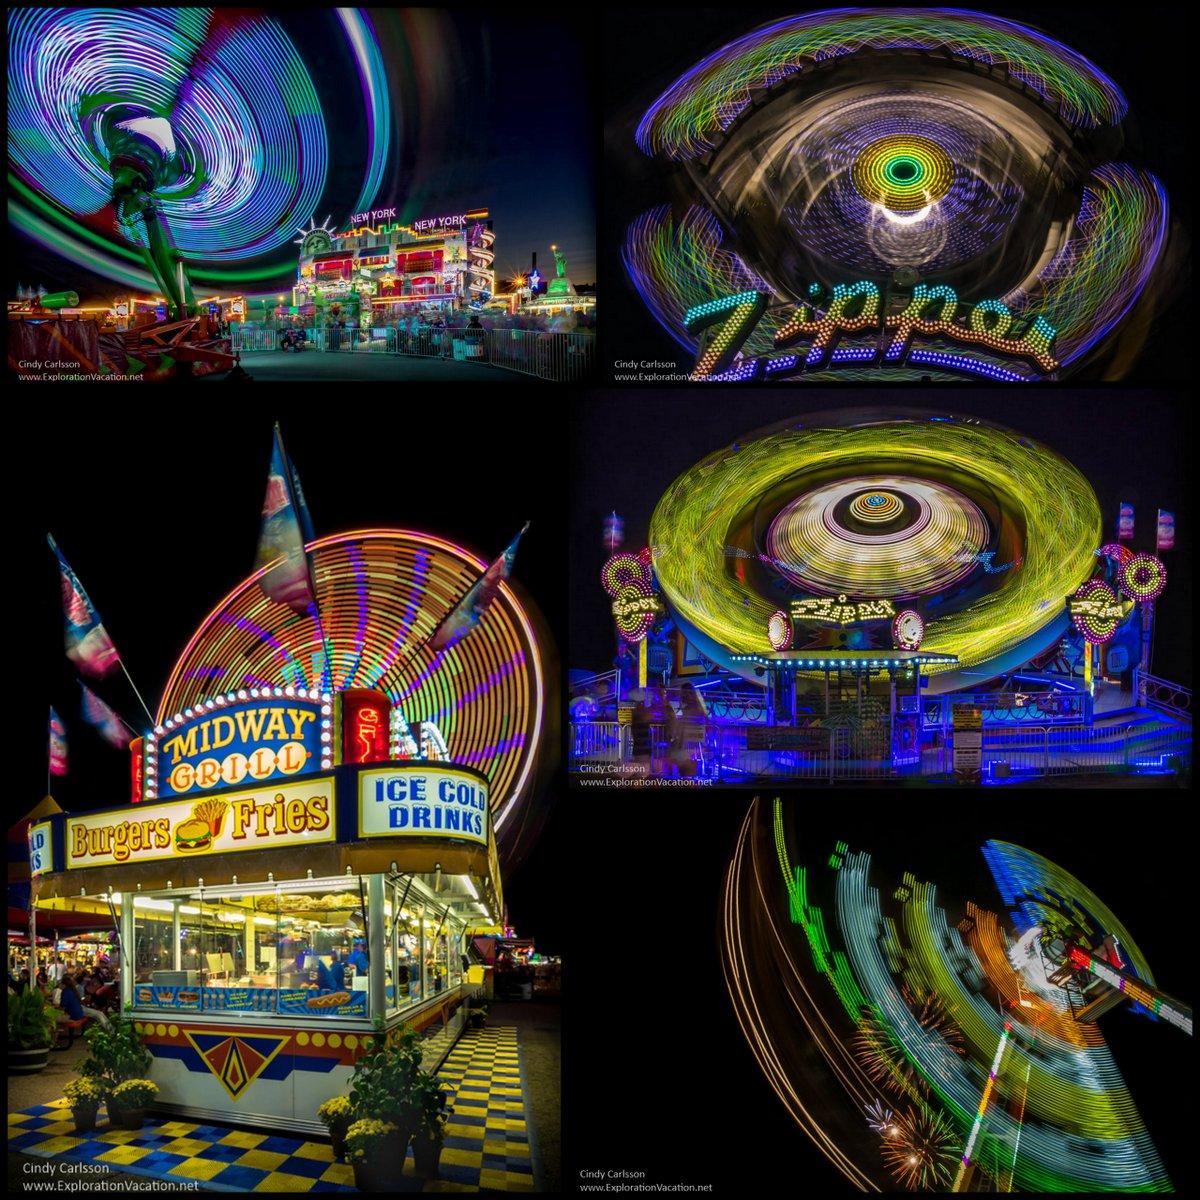 Night at the fair - cindy carlsson